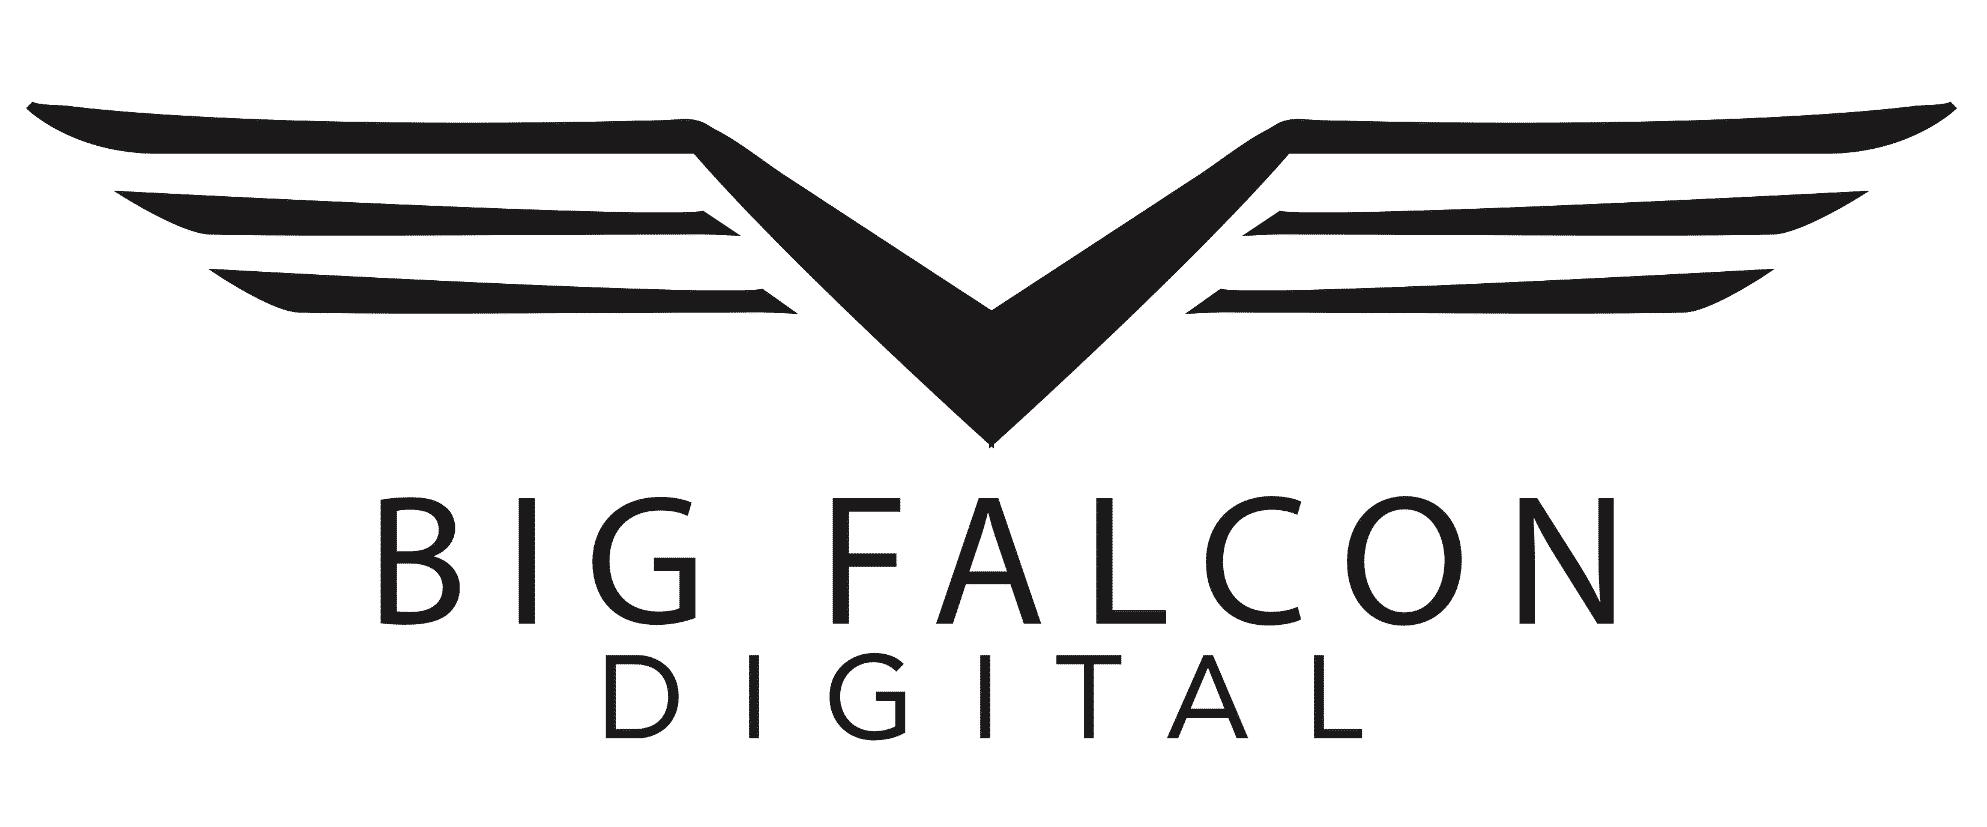 Big Falcon Digital